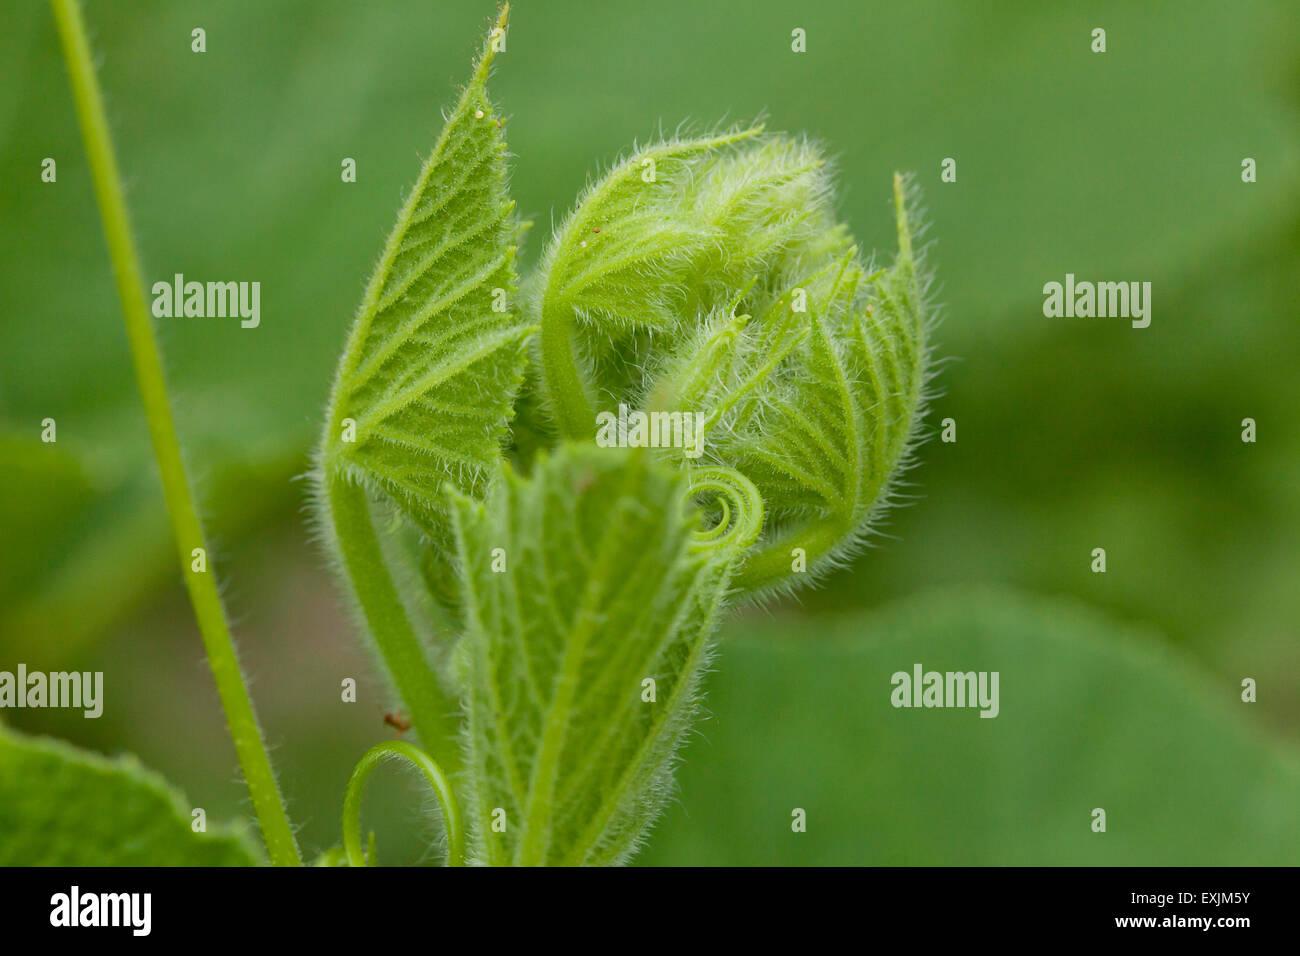 Squash nuevo crecimiento vegetal Imagen De Stock